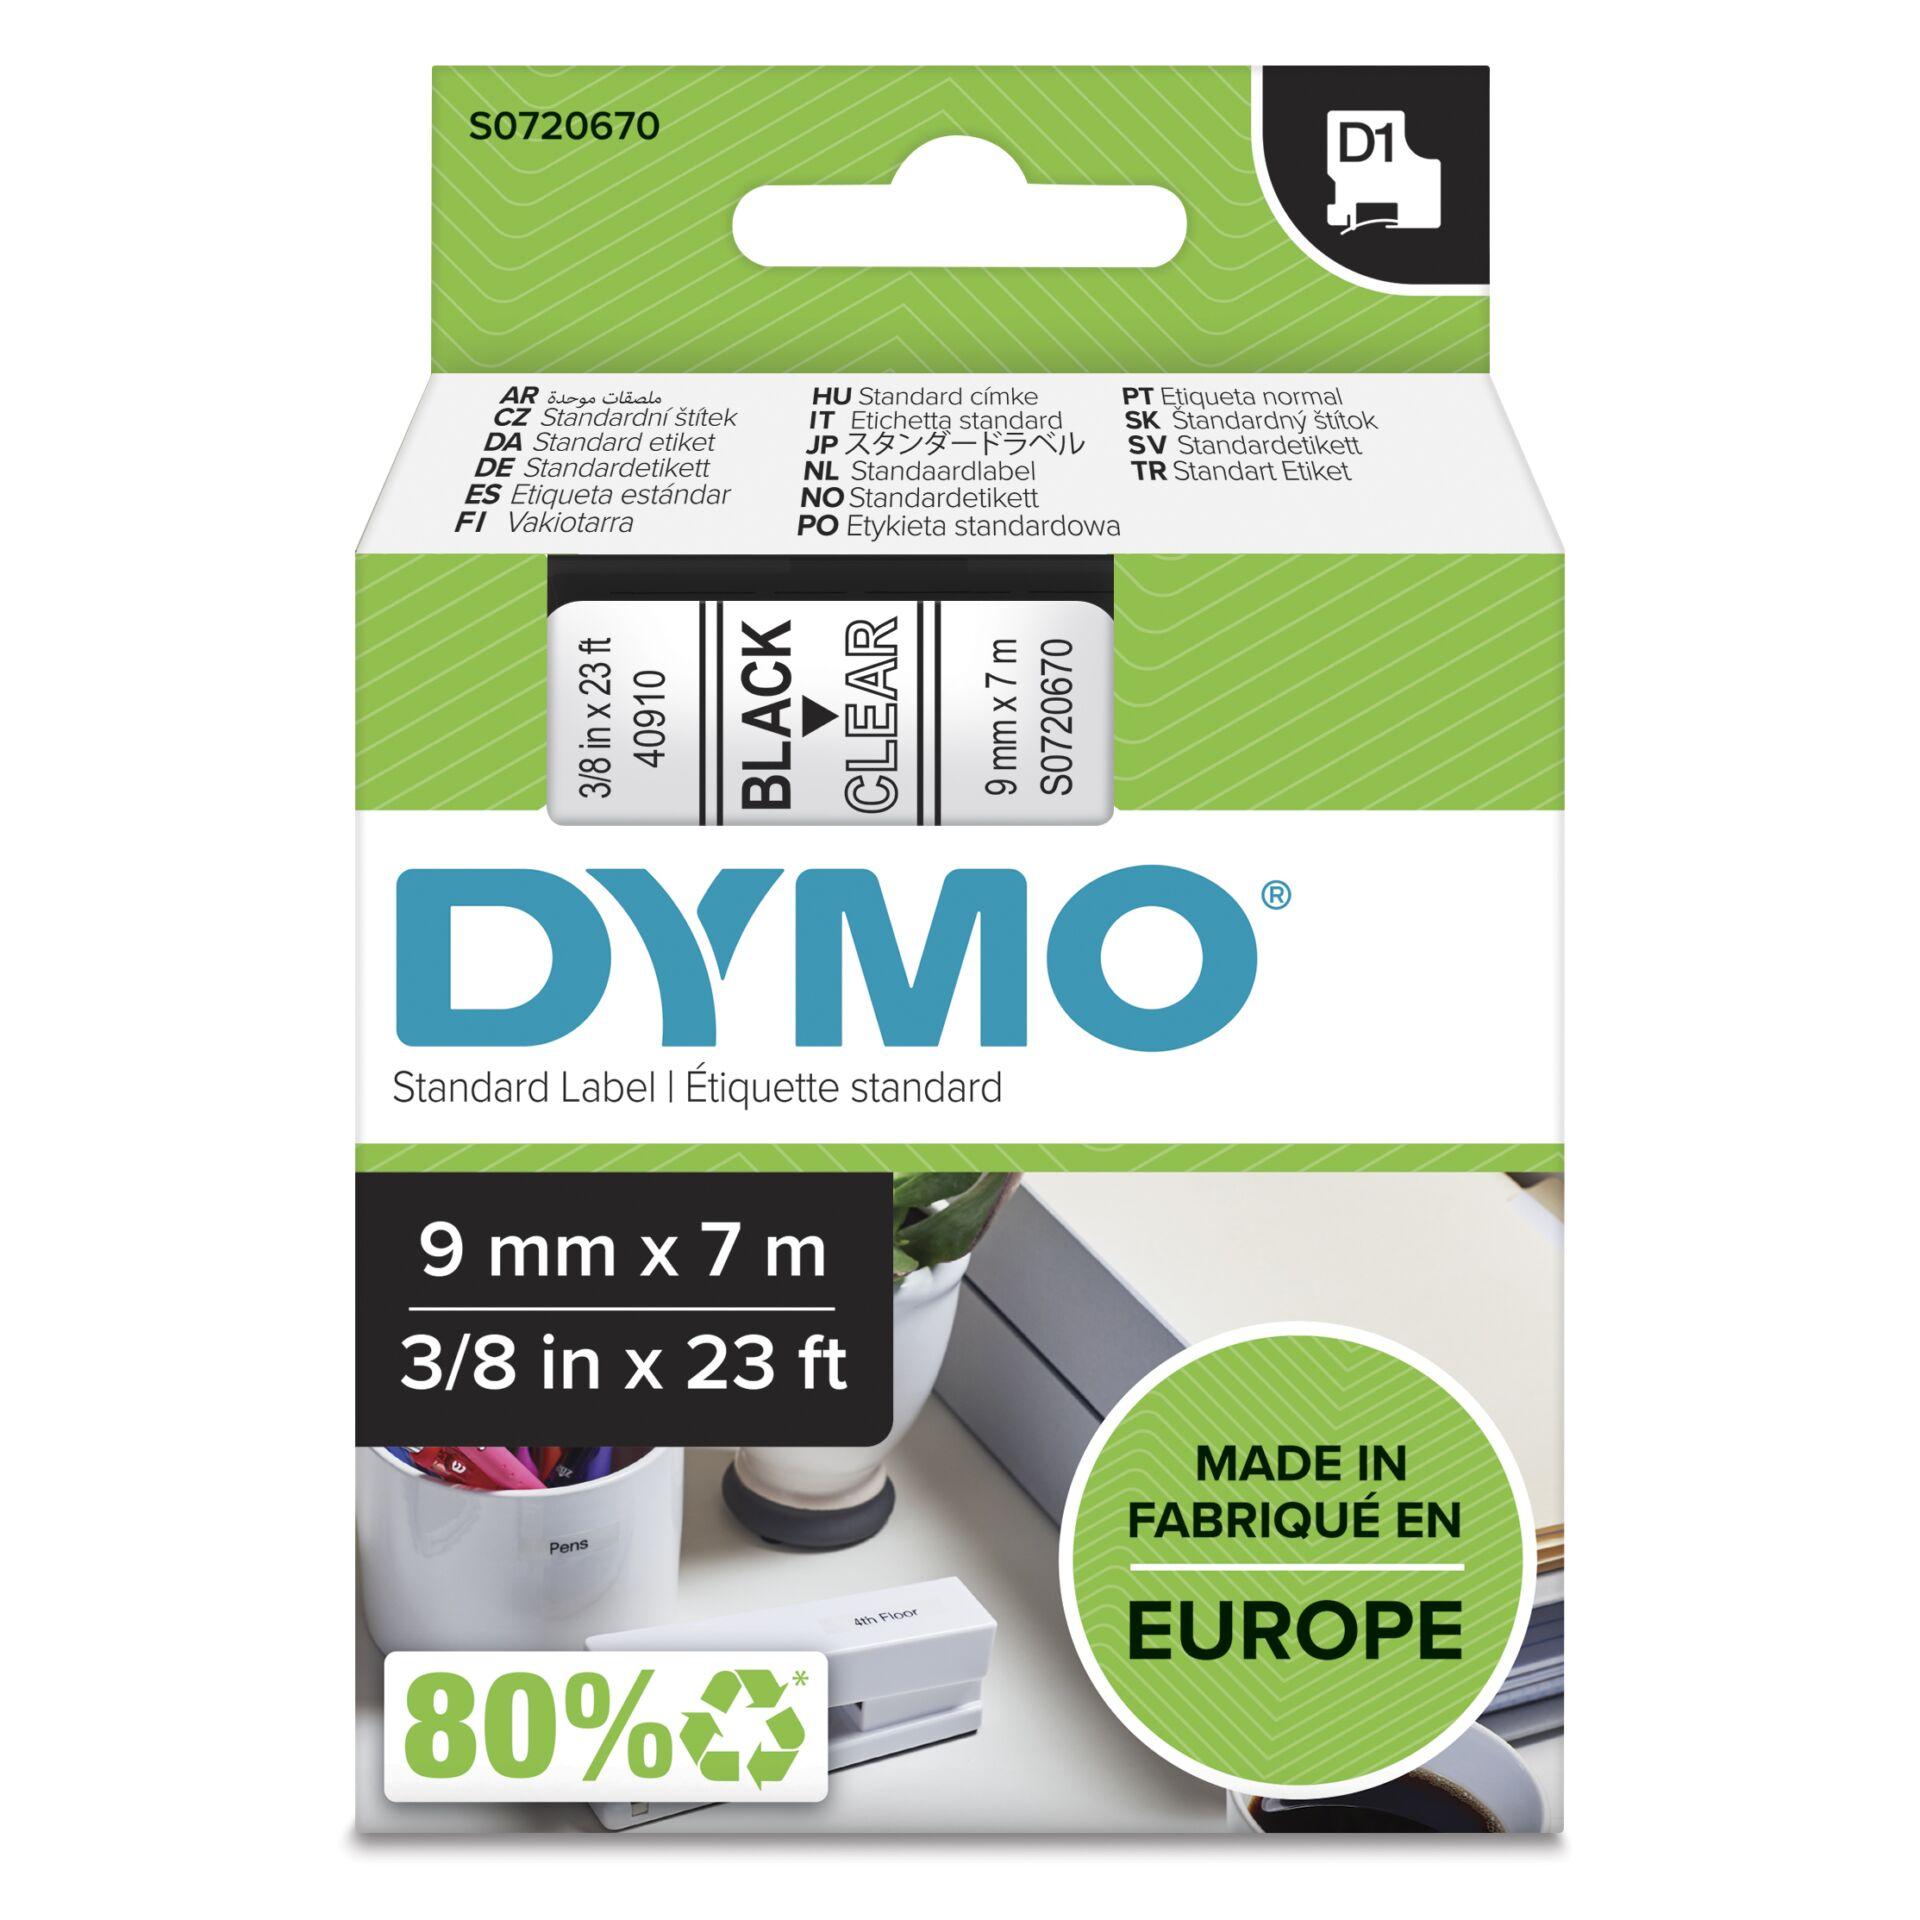 Dymo D1 Schriftband 9 mm x 7 m schwarz auf transparent    40910